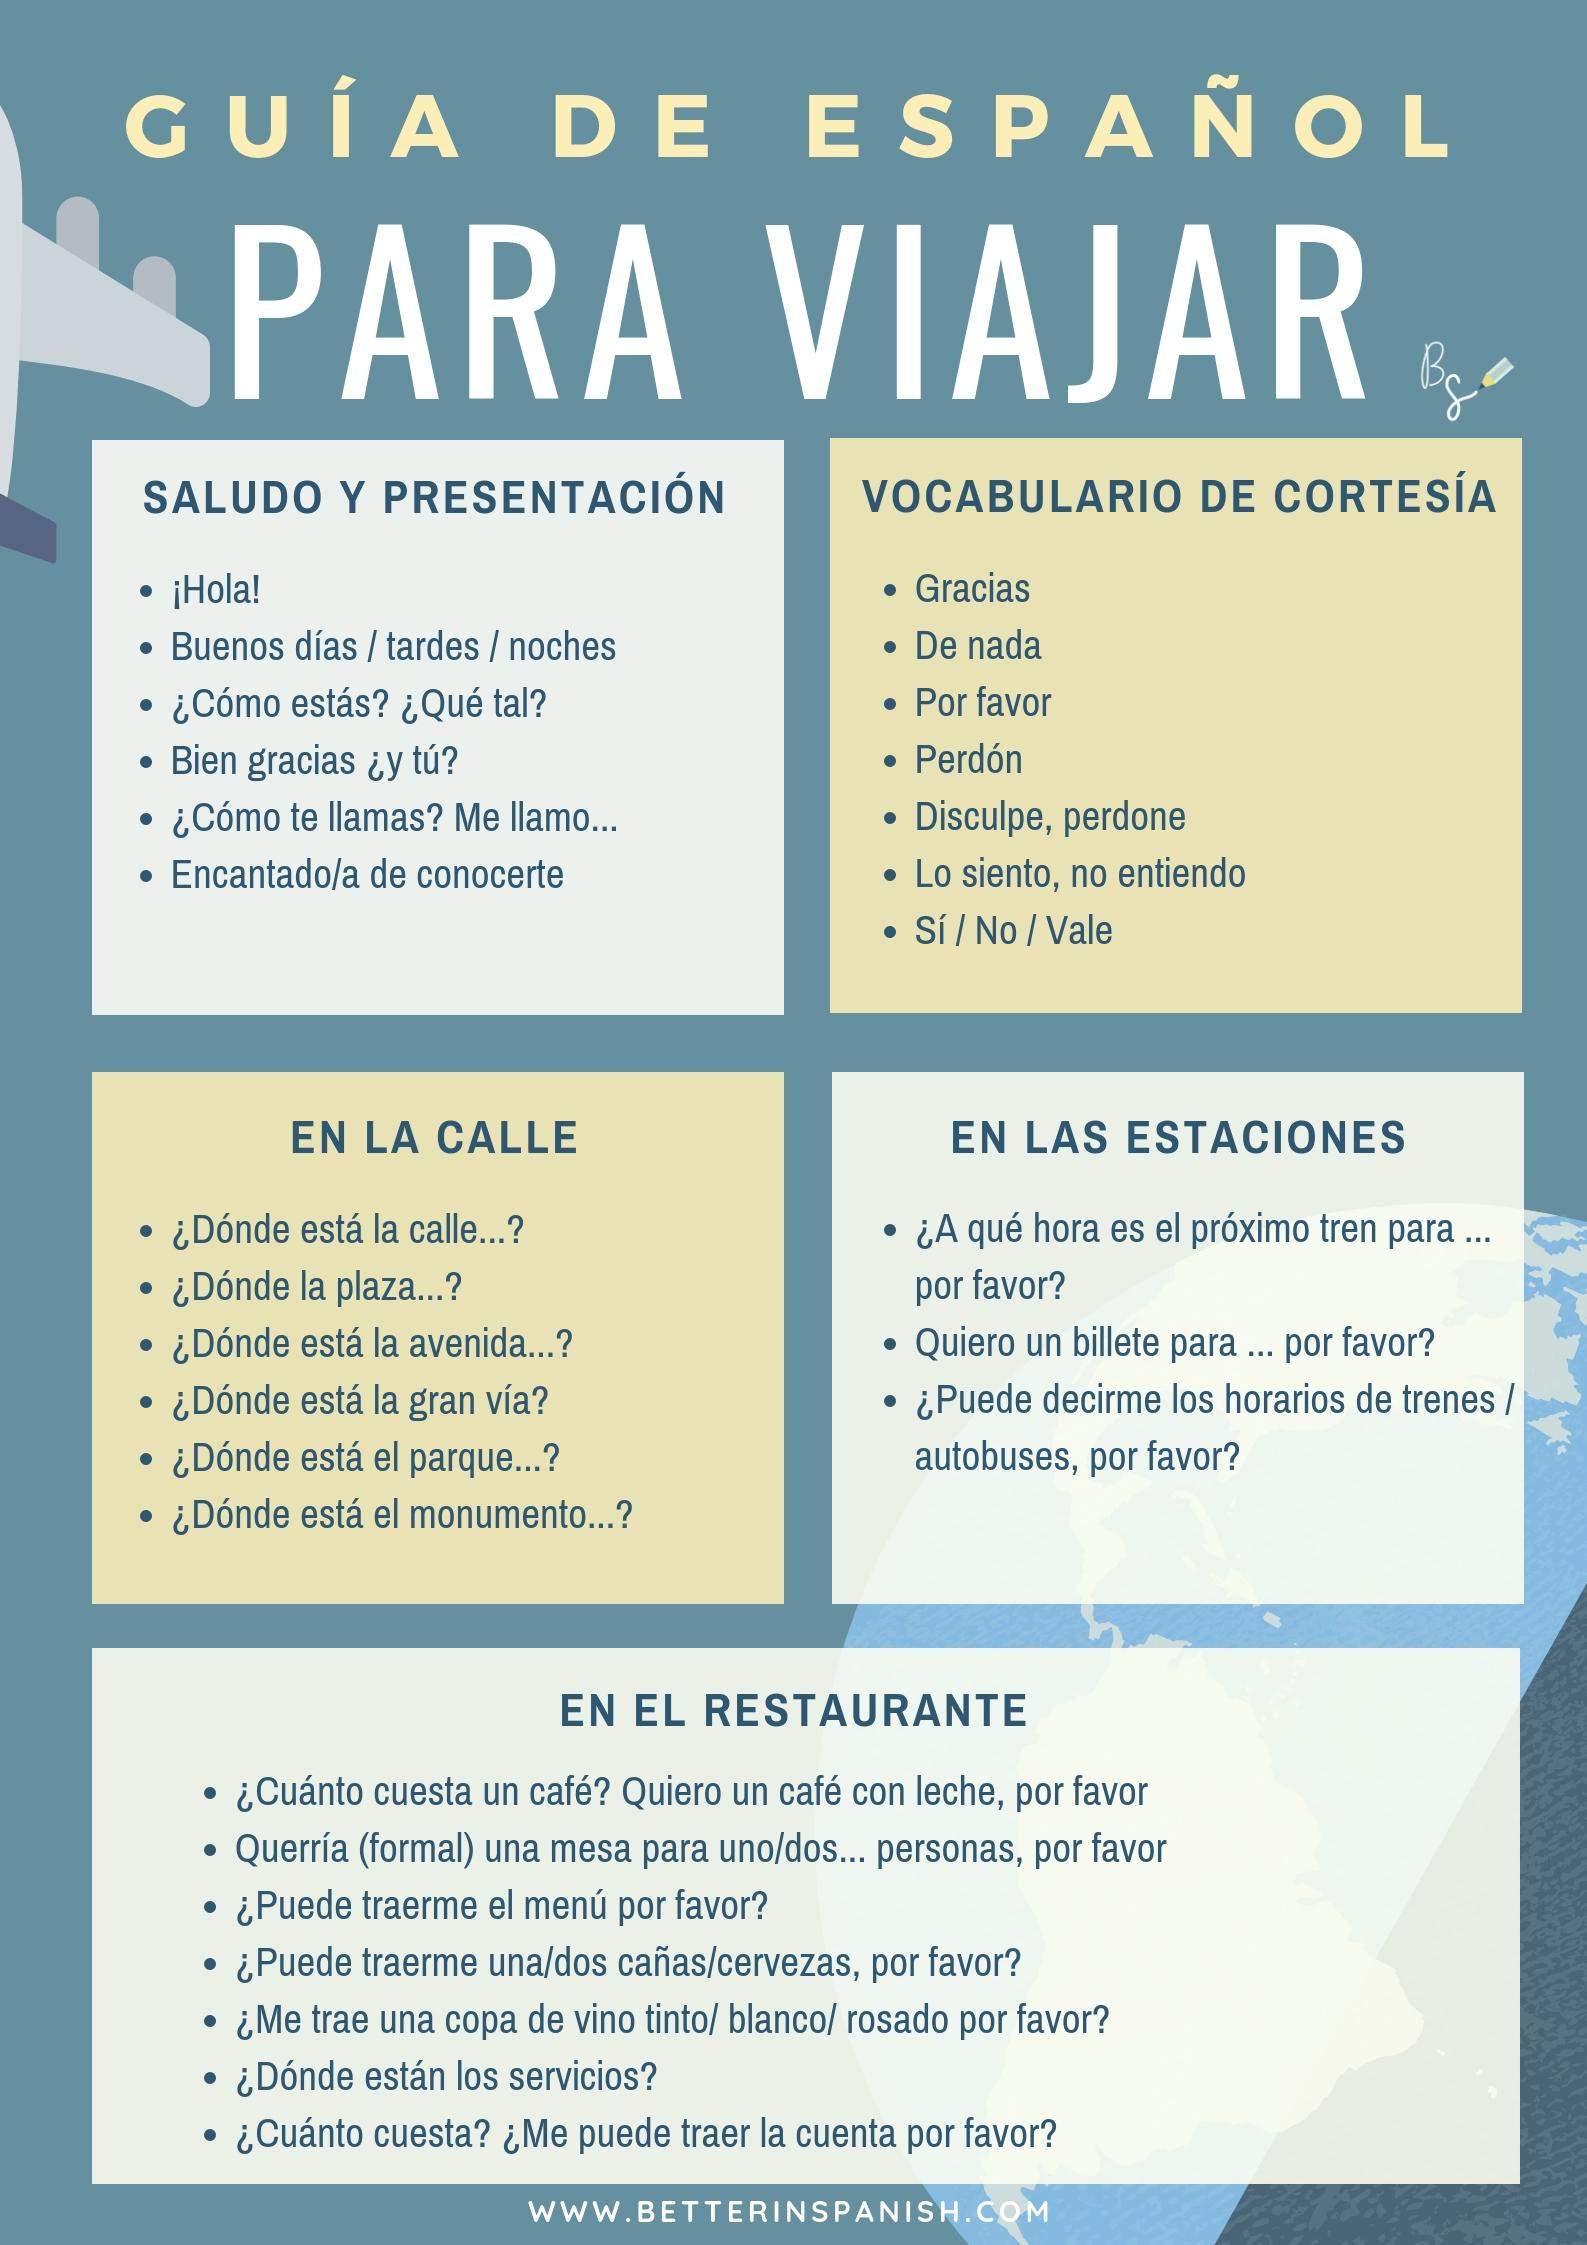 Guía para viajar en español